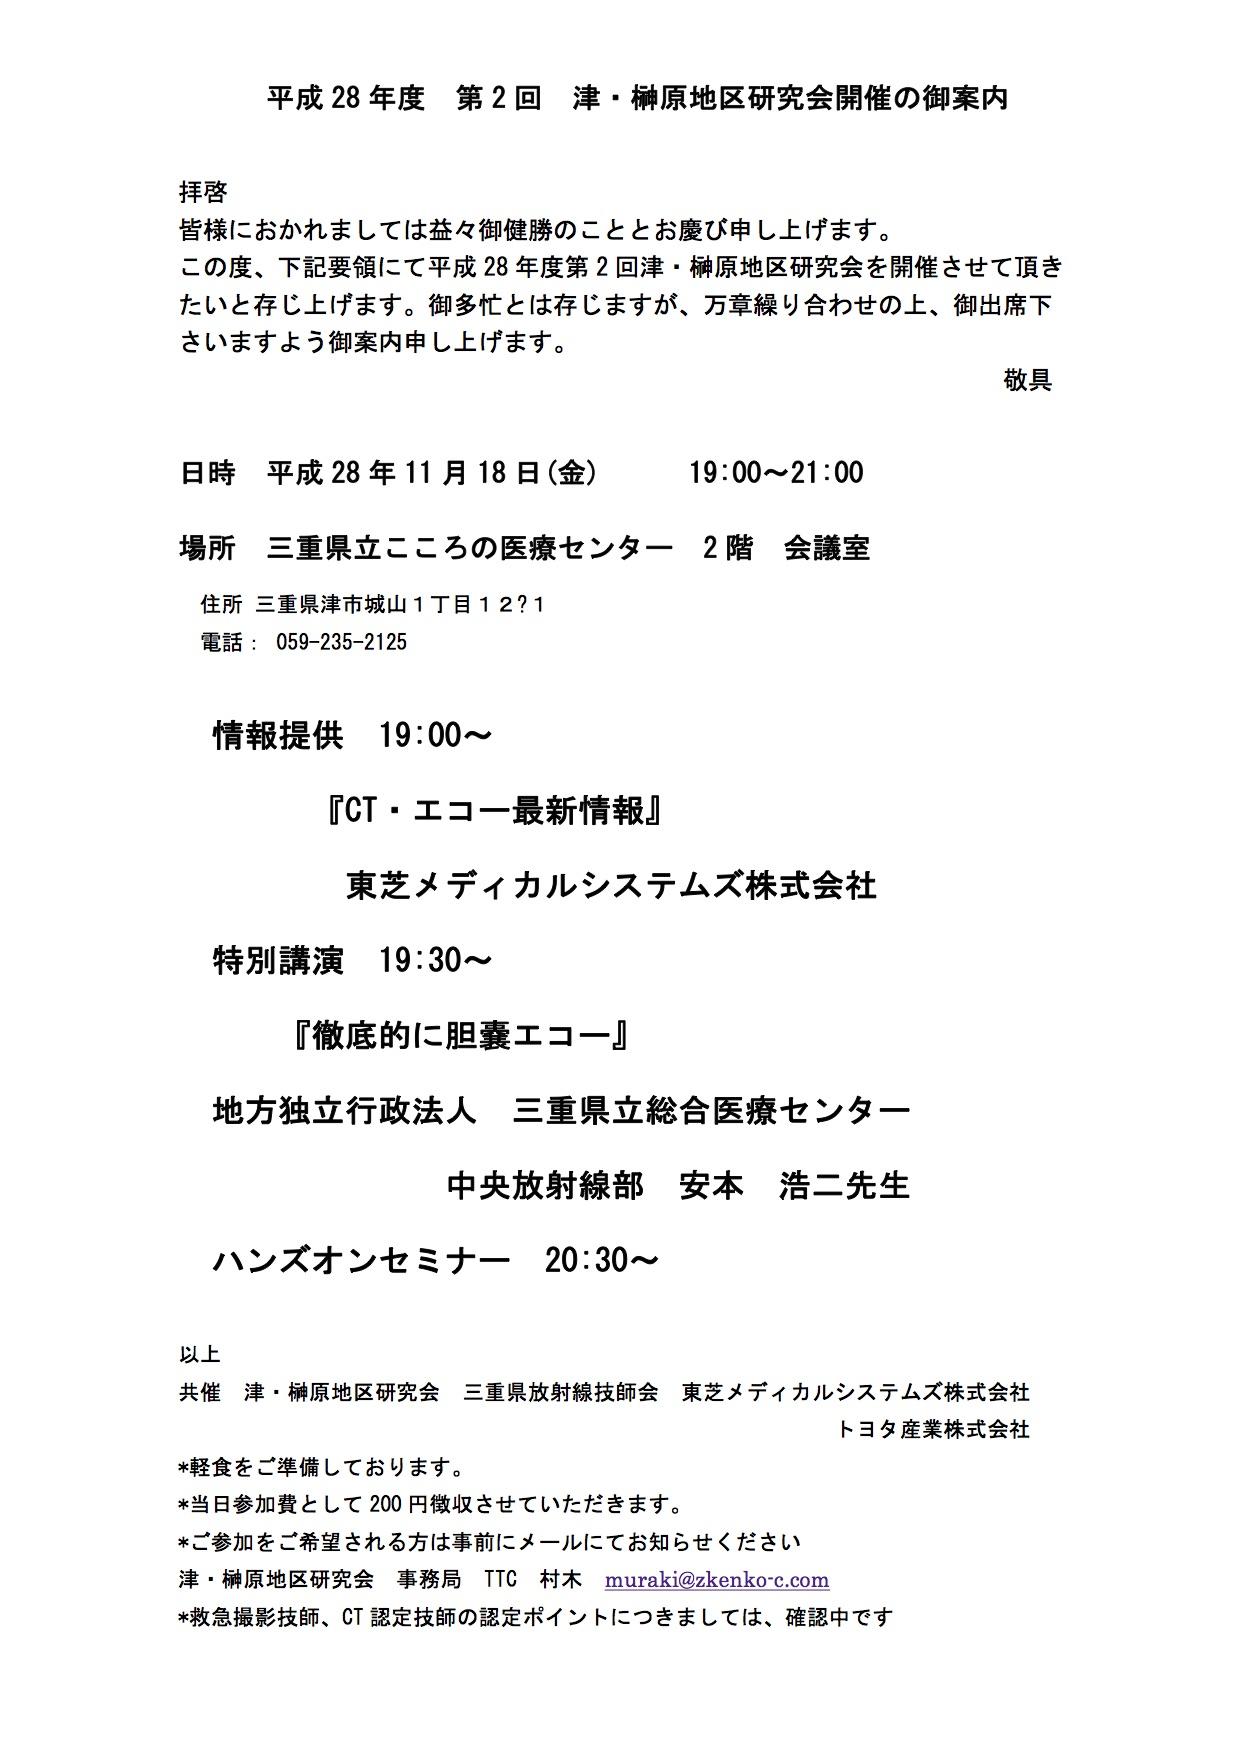 2nd_sakakibara